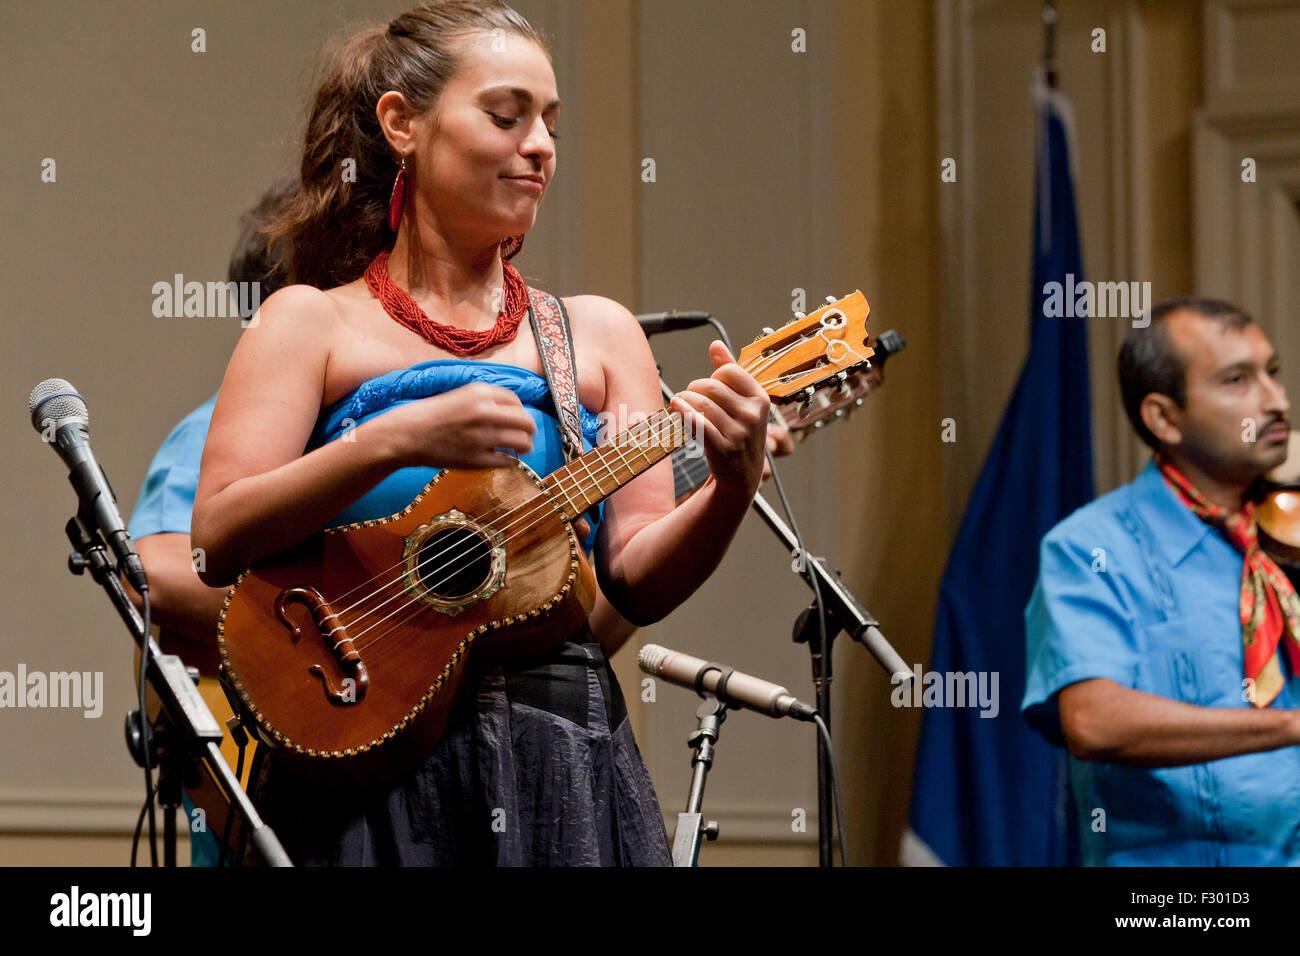 Mexikanische Frau spielt Vihuela (Timple Canario) auf der Bühne - USA Stockbild